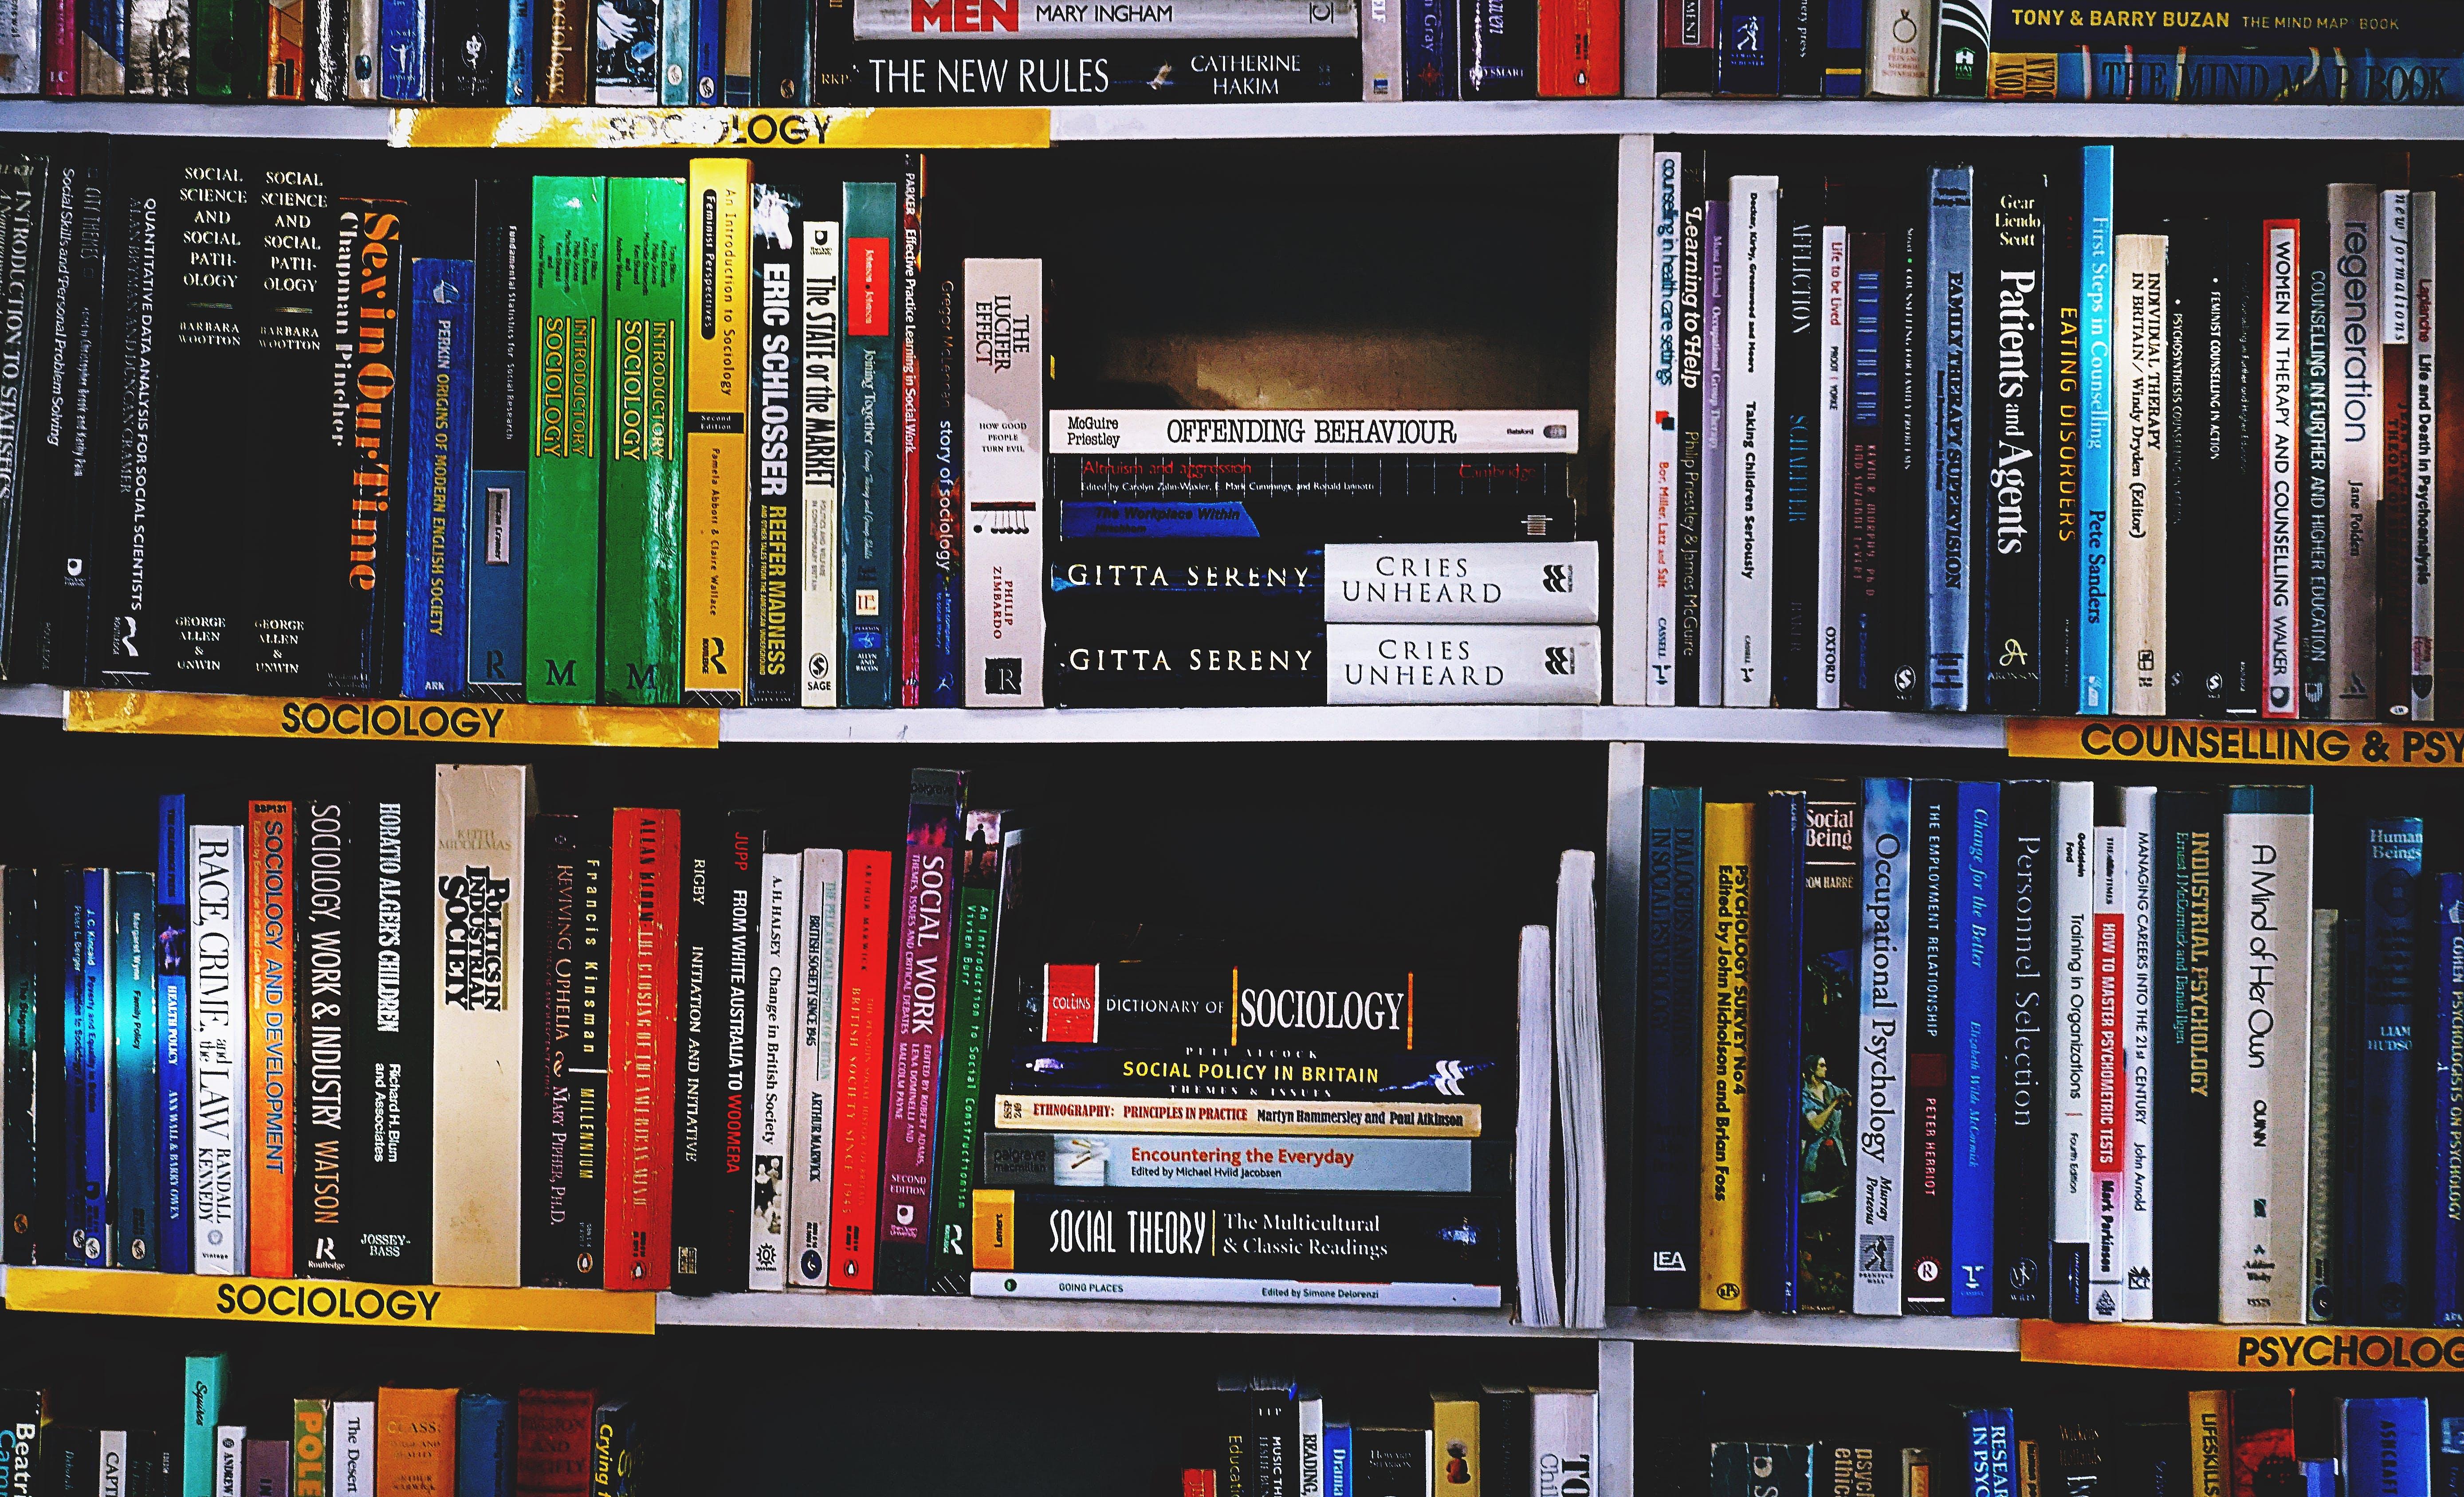 библиотека, знания, информация